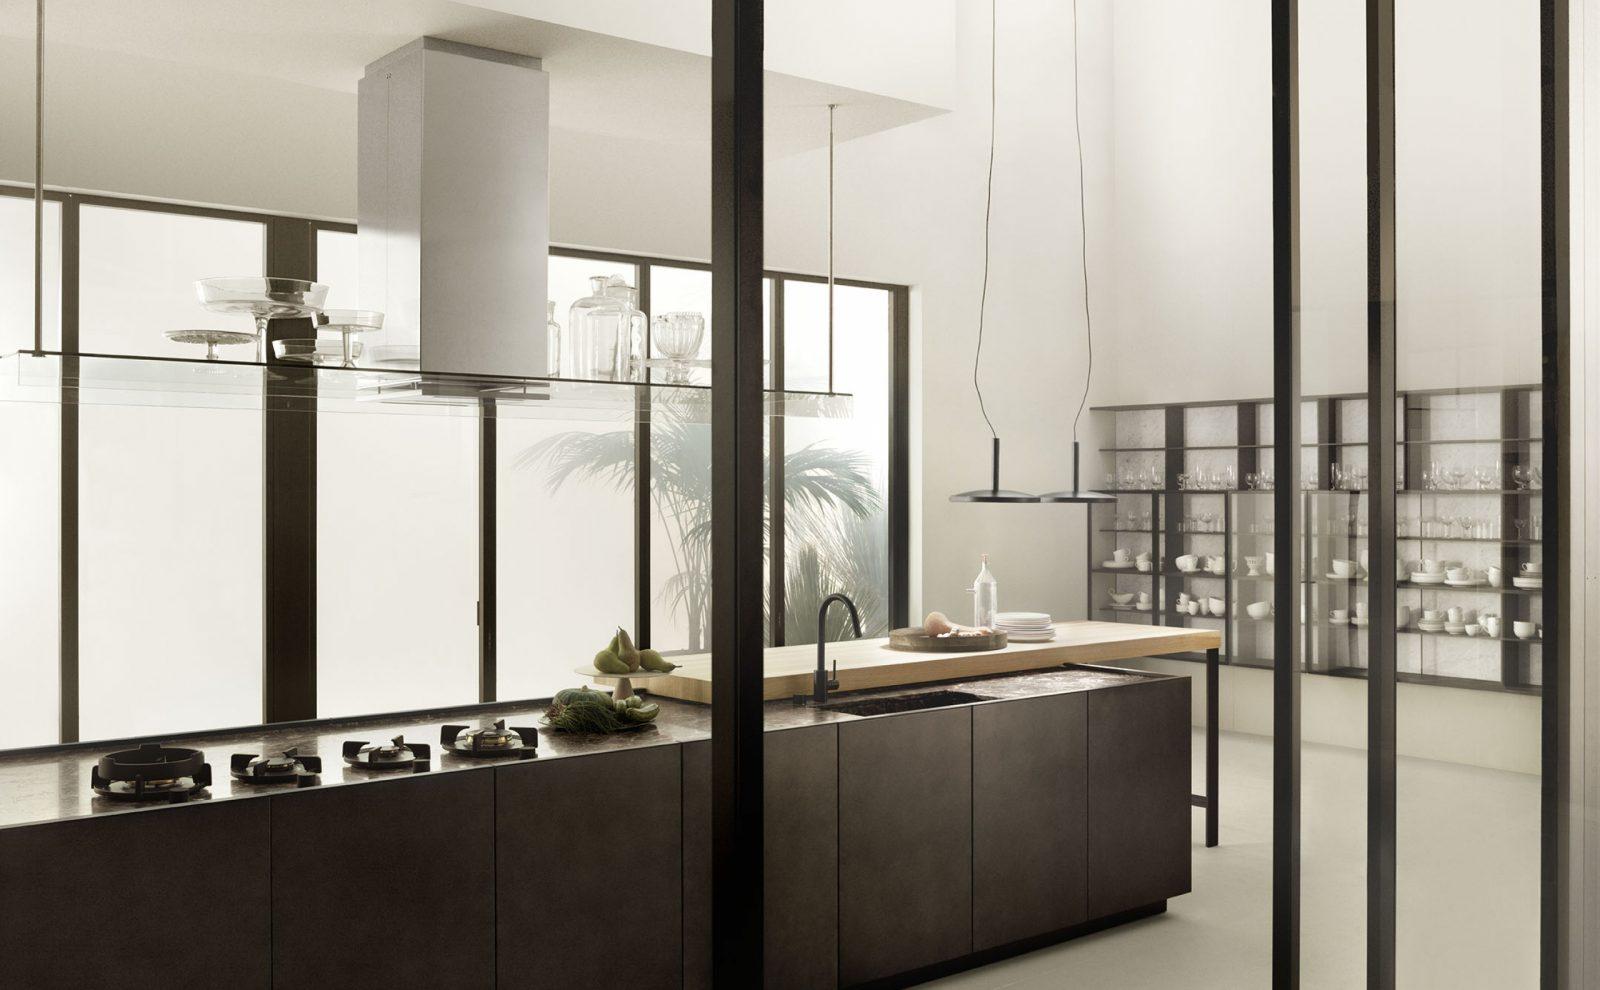 boffi_kitchenology_001_c